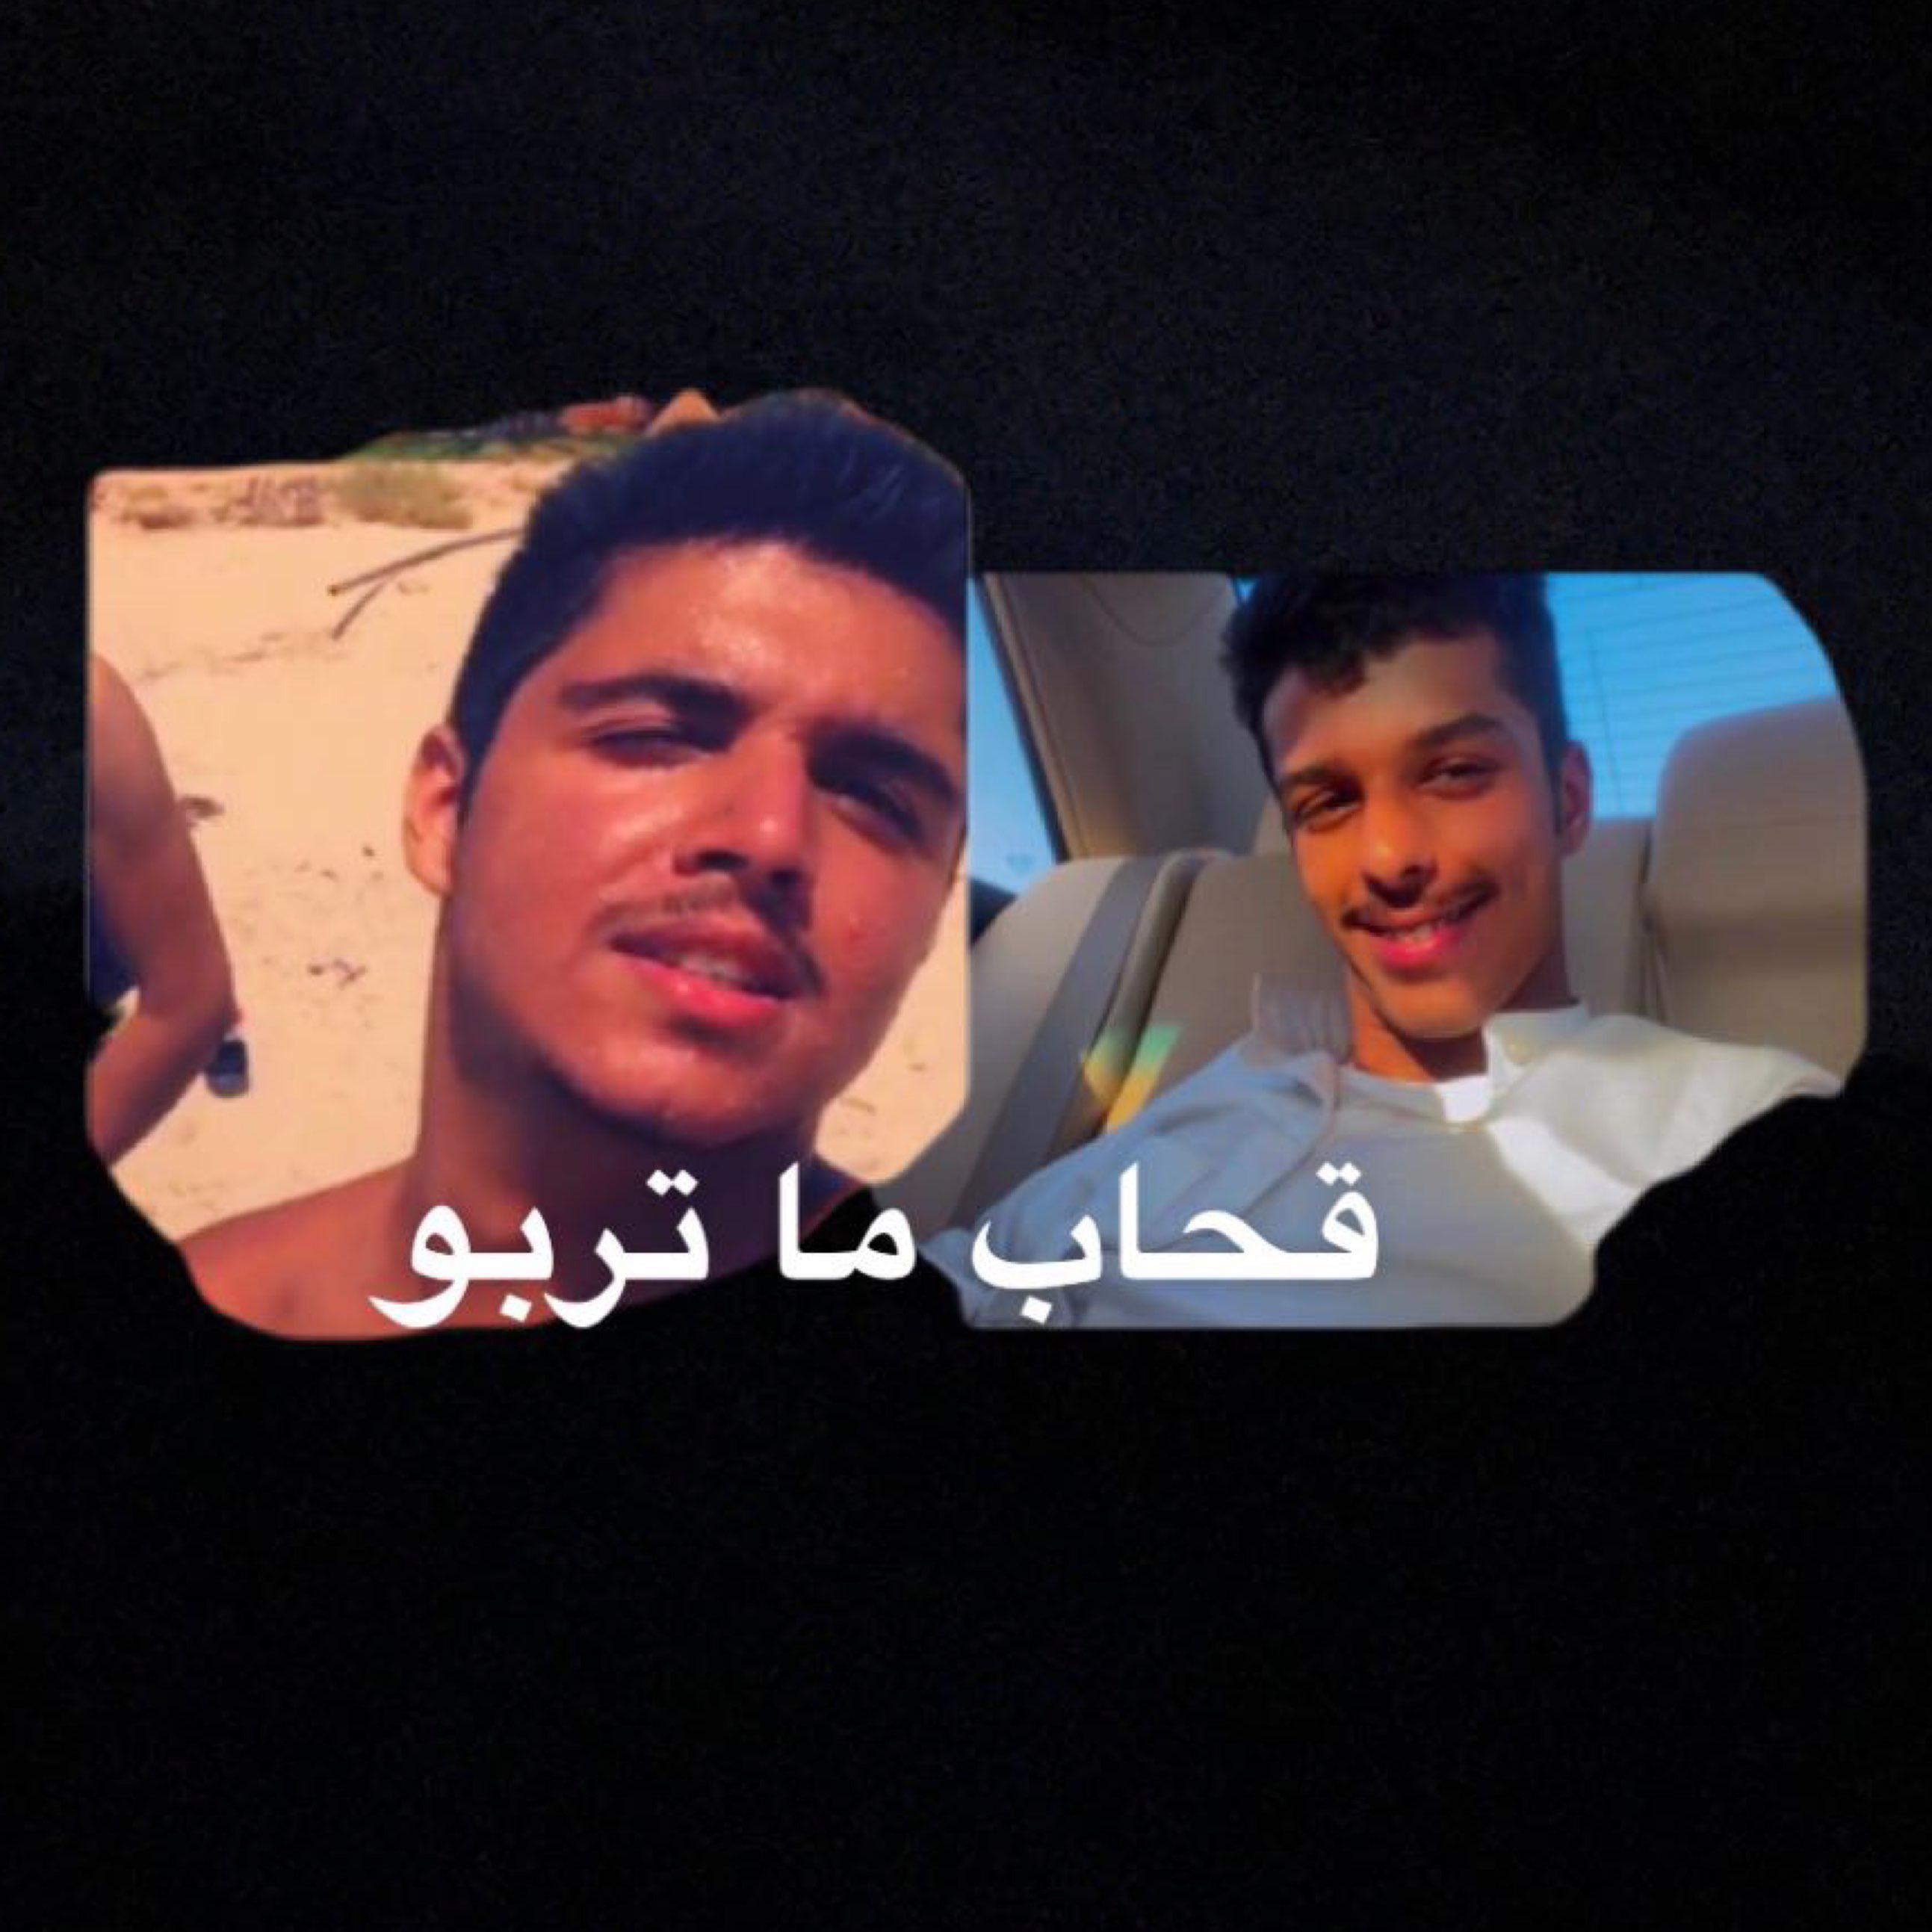 يوسف الخالدي (: Clubhouse